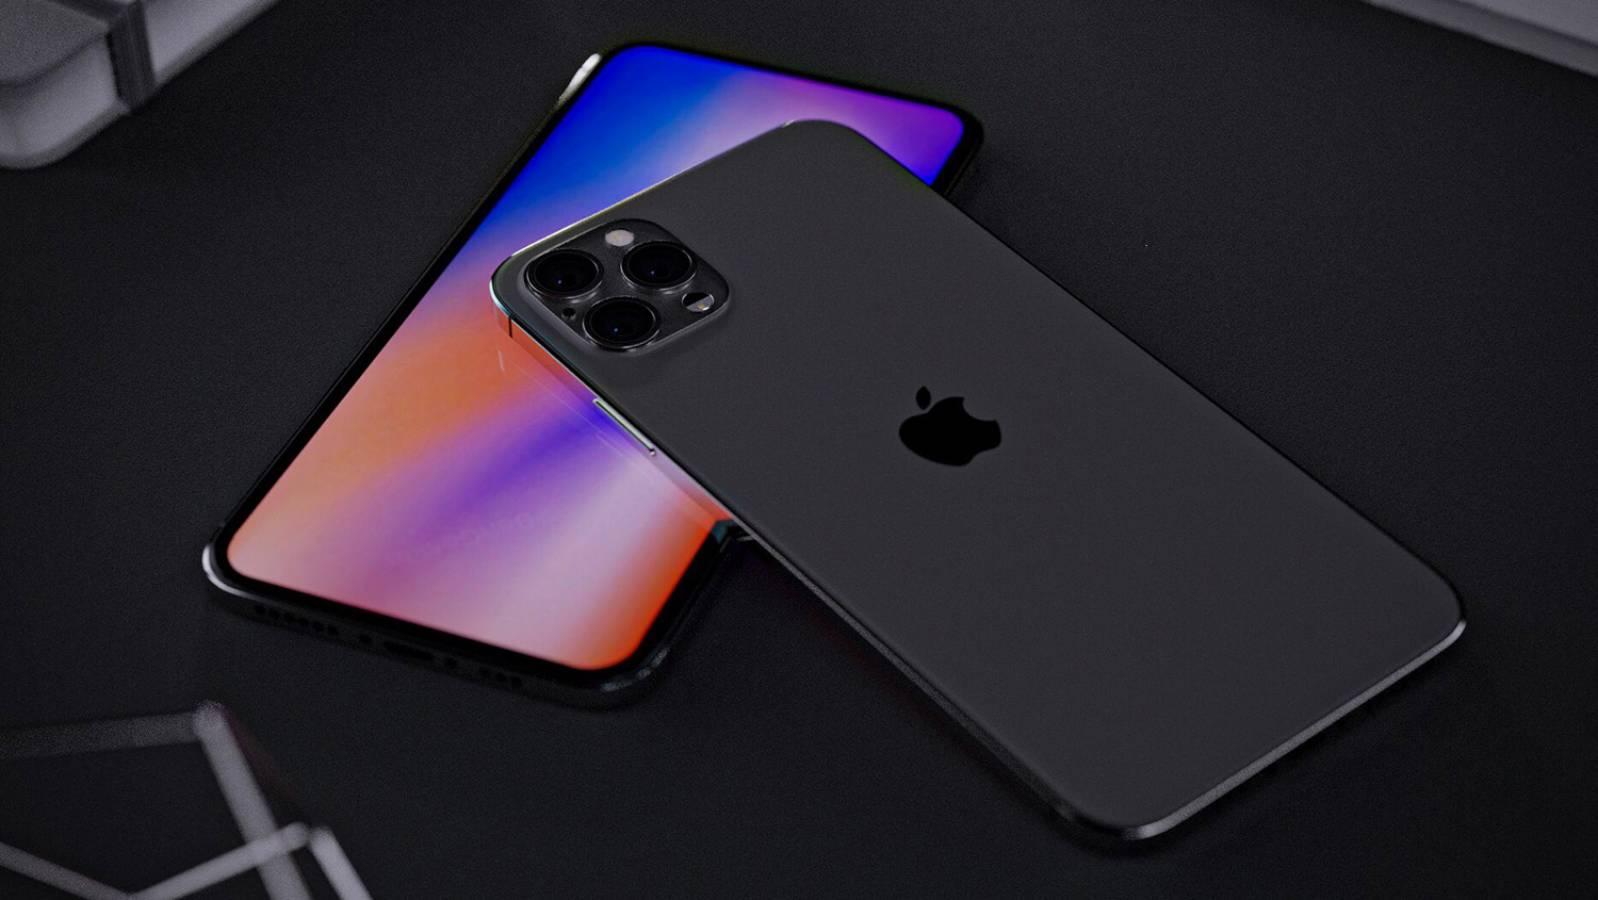 iPhone 12 imbunatatiri procesor a14